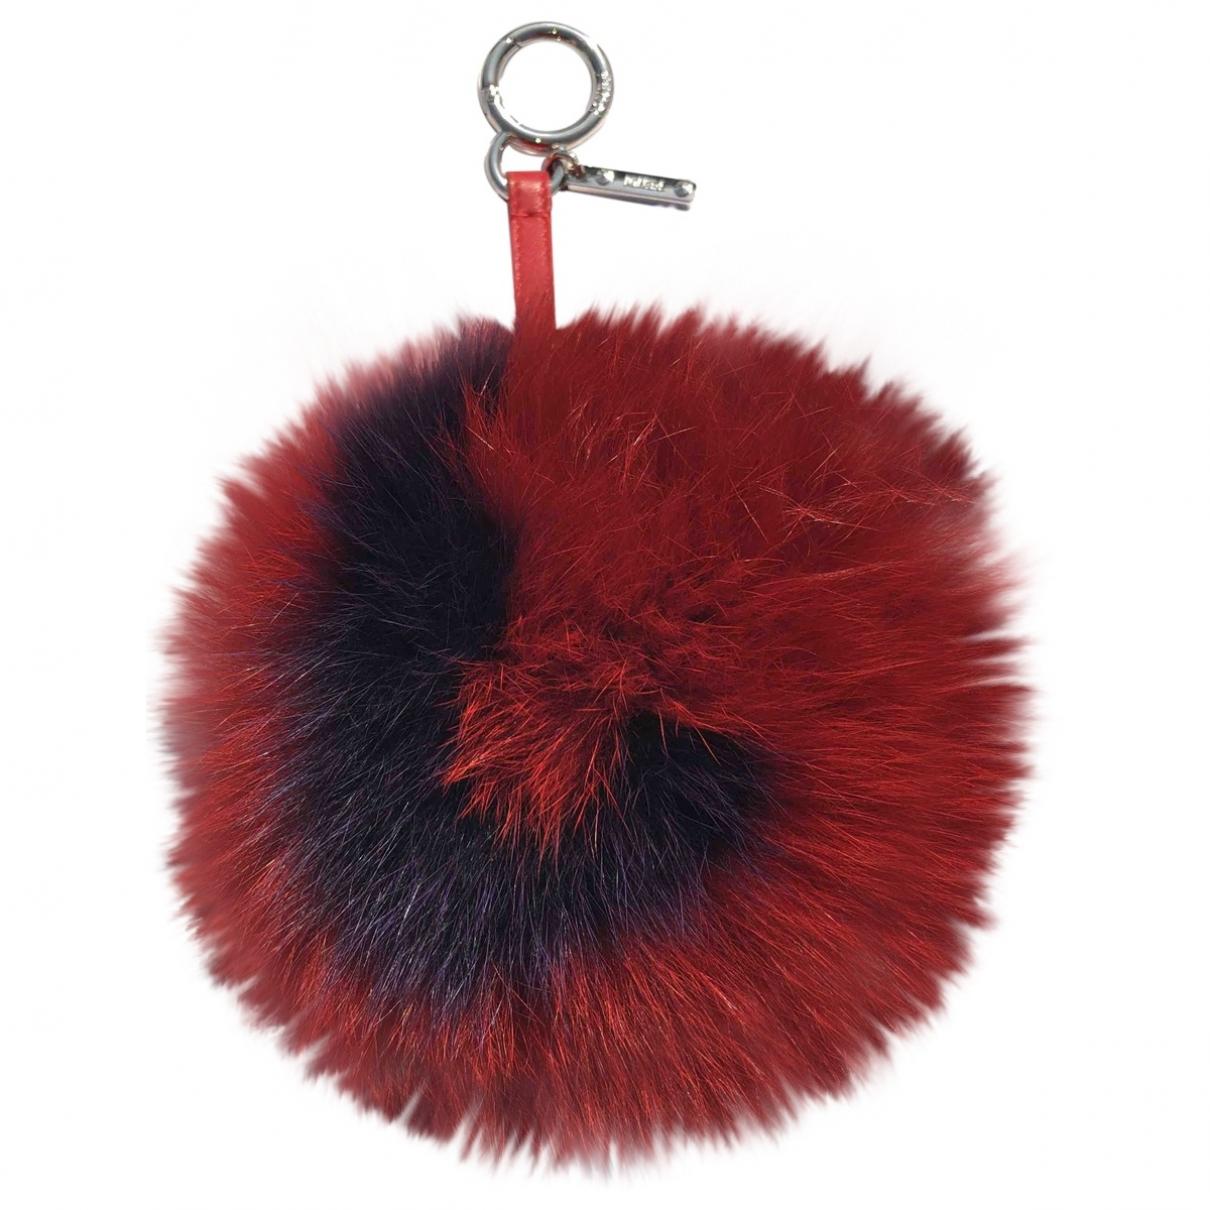 Fendi Pompon Taschenschmuck in  Rot Fuchs